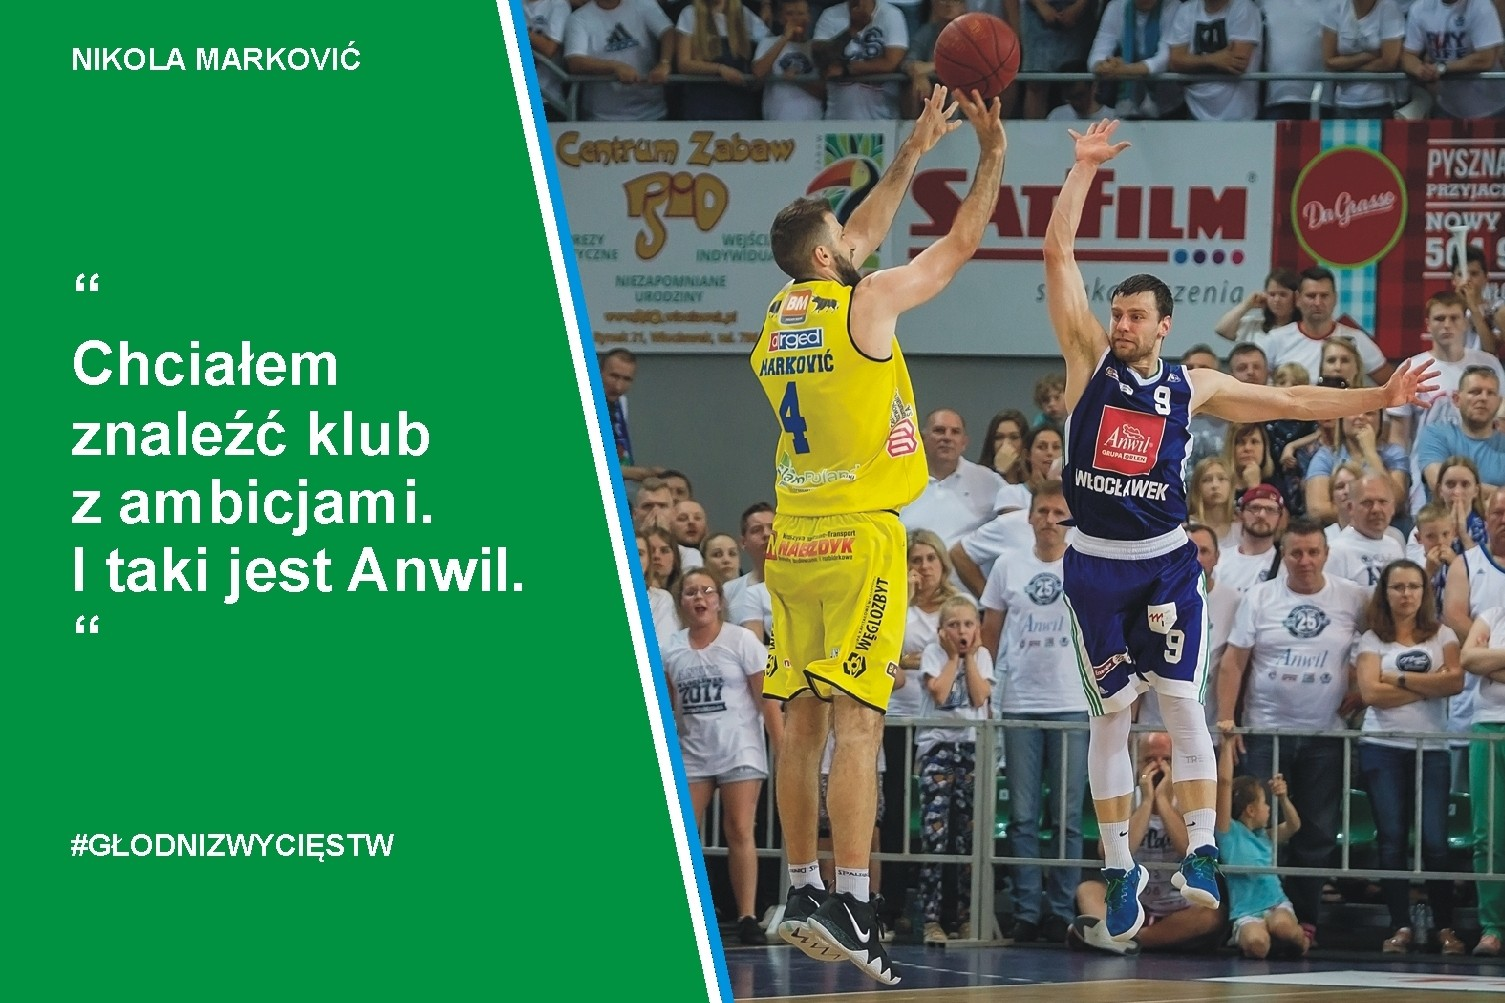 Nikola Marković: Chciałem znaleźć klub z ambicjami